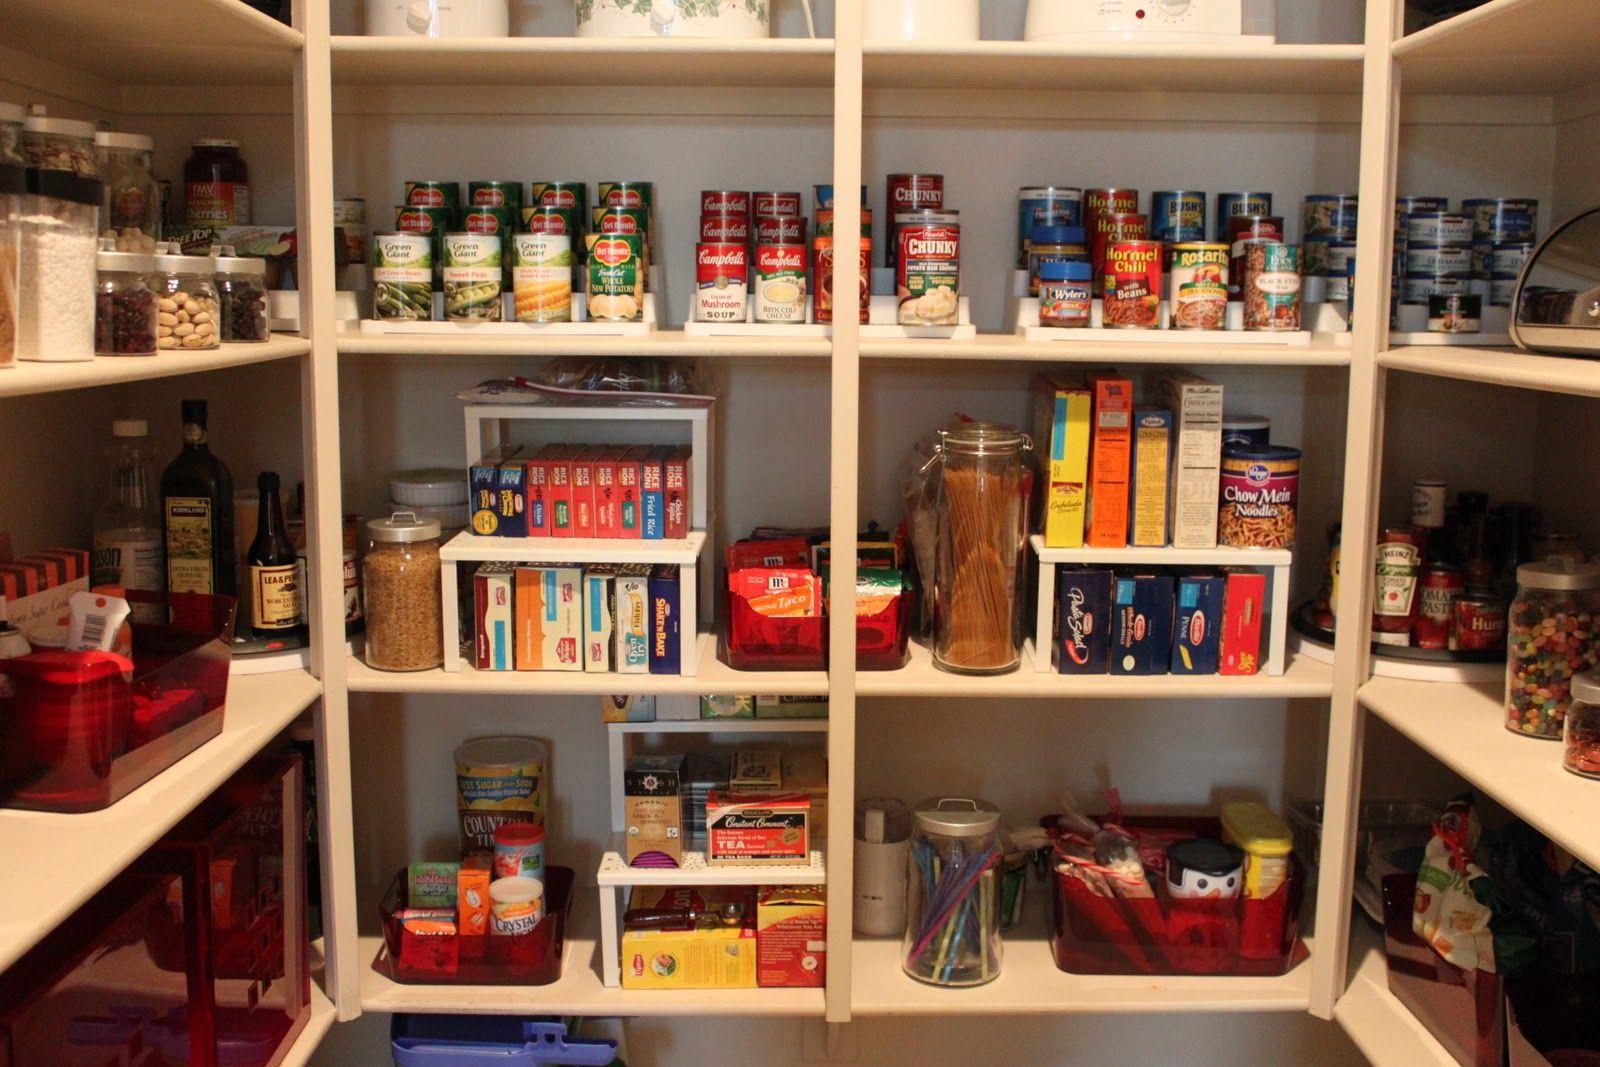 Organizzare La Credenza : Come organizzare la dispensa per ottimizzare gli spazi bigodino